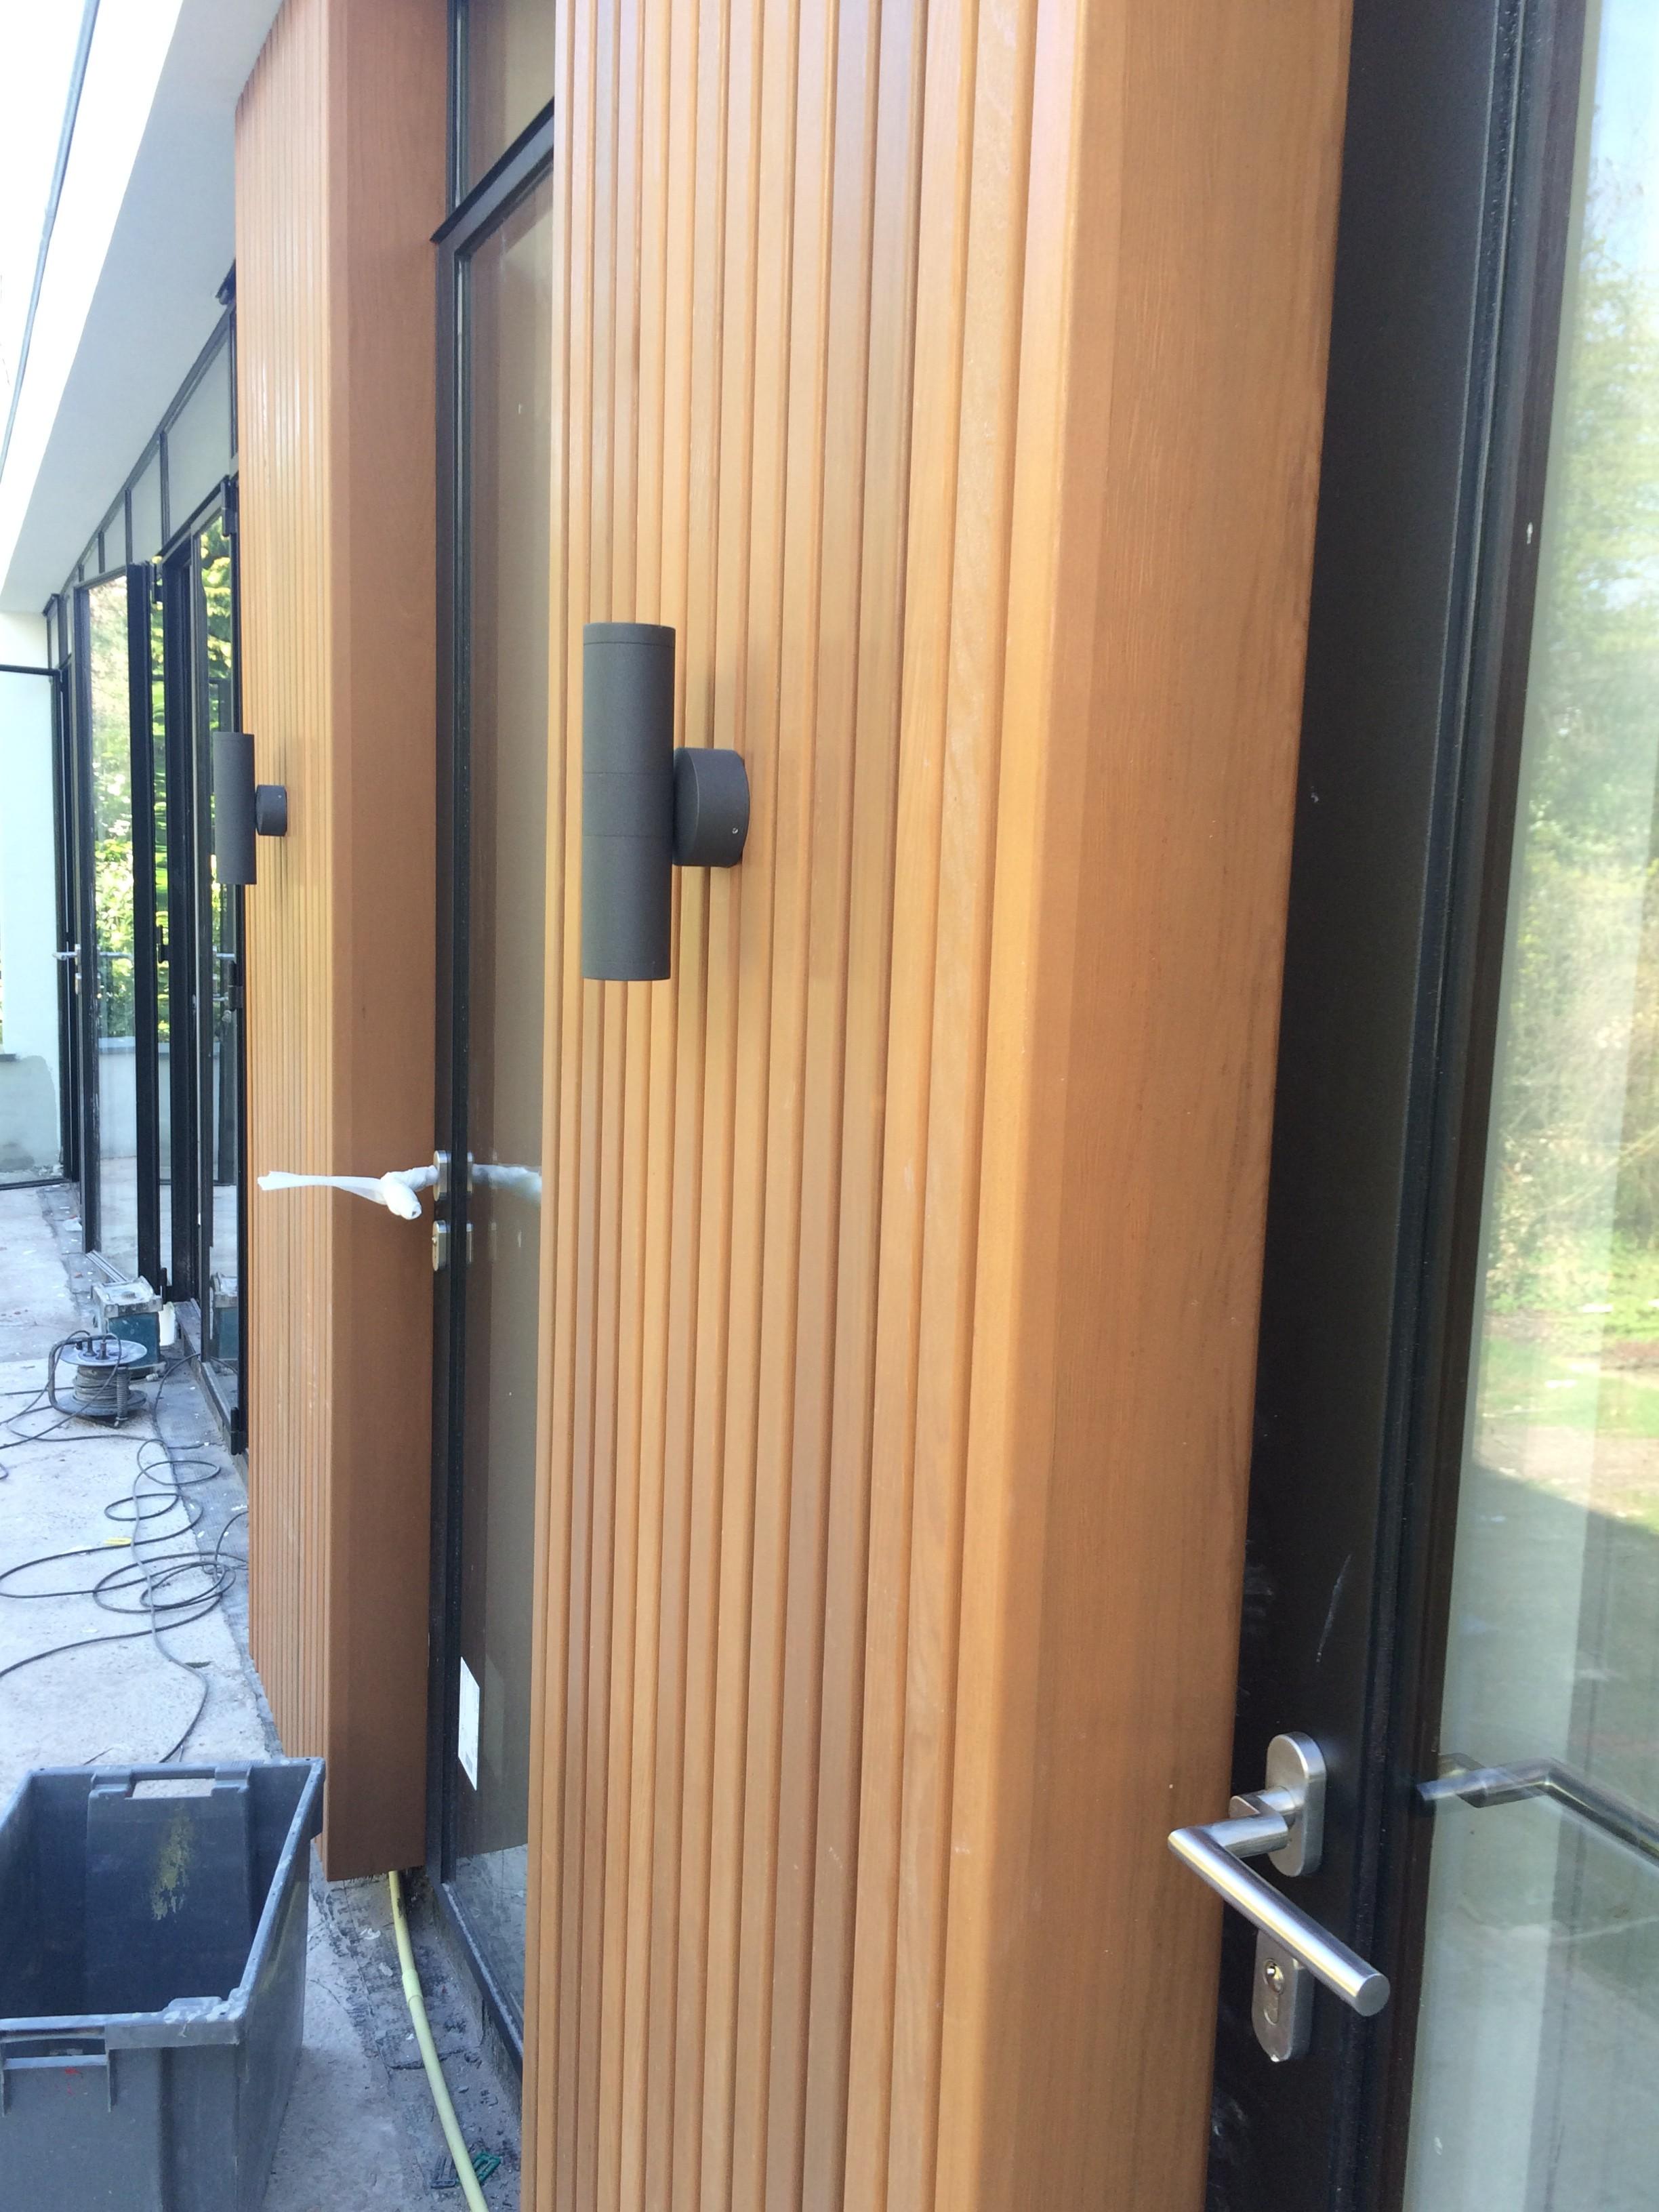 BKT_hoyt_kralingen_rotterdam_villa_renovatie_particulier_VHR_MHB_verbouwing_uitbreiding_directievoering_toezicht_11.1.jpg